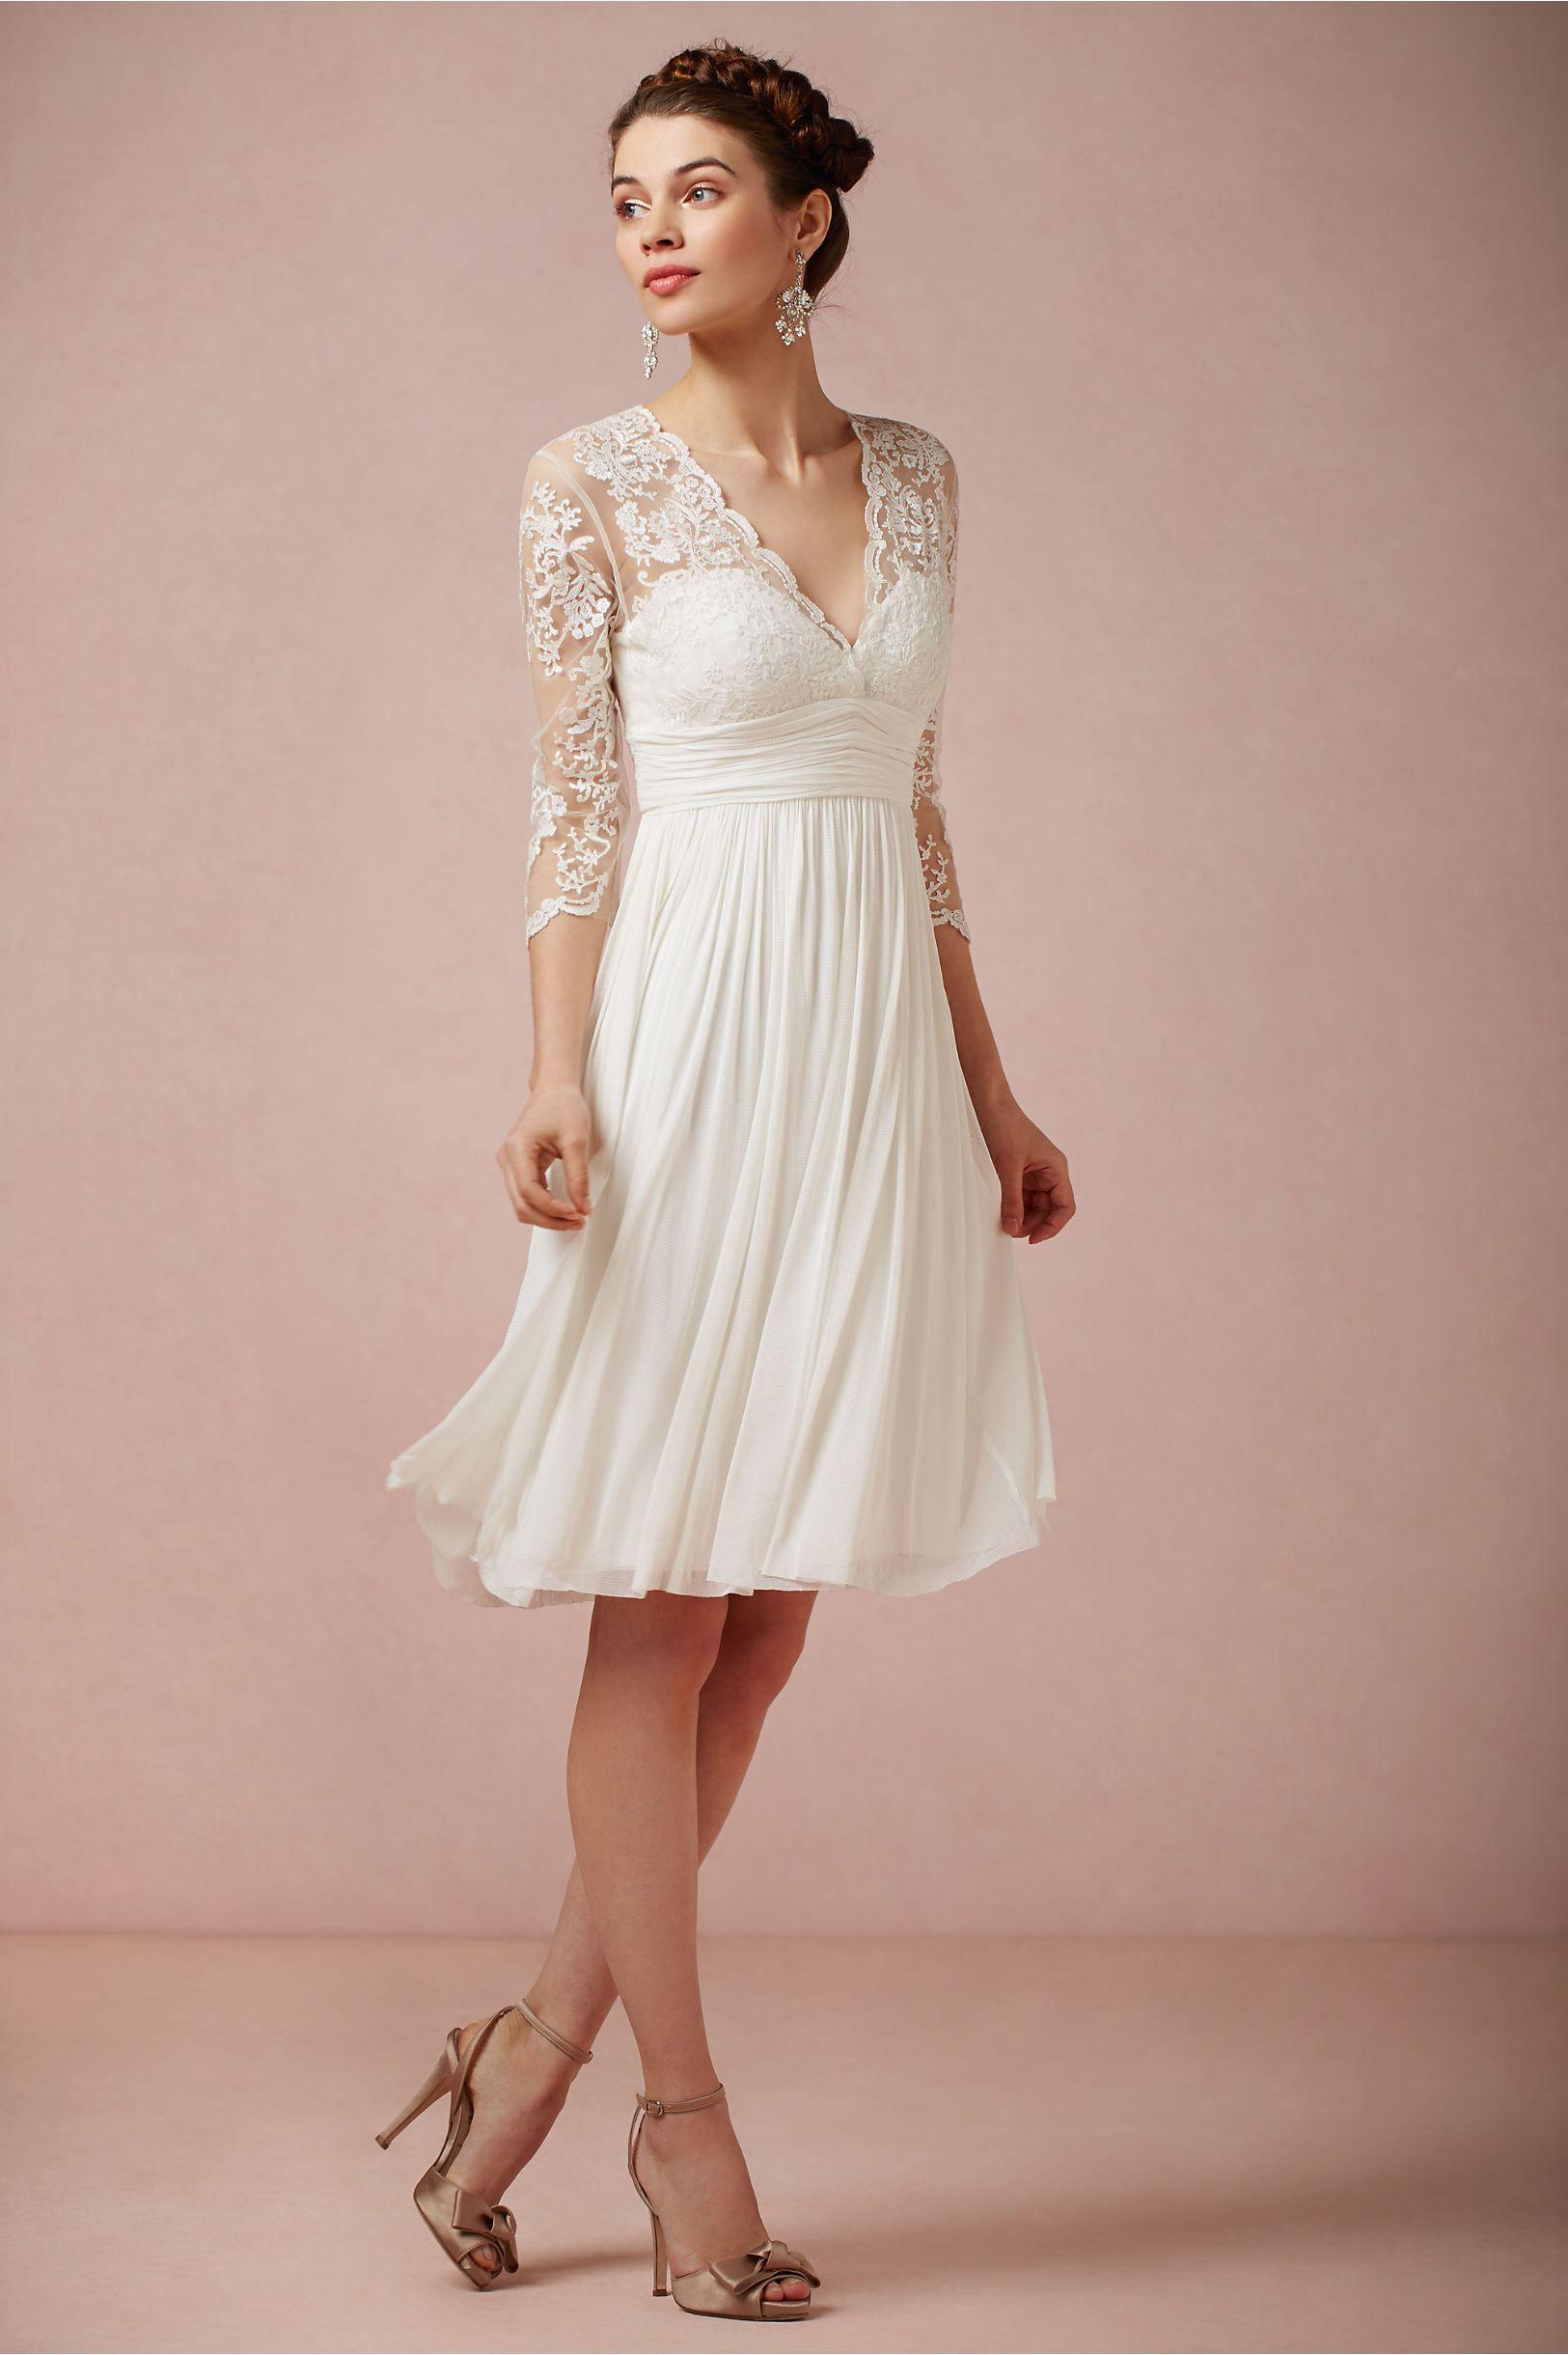 Vestido para o Casamento no Civil   Wedding, Wedding dress and Weddings